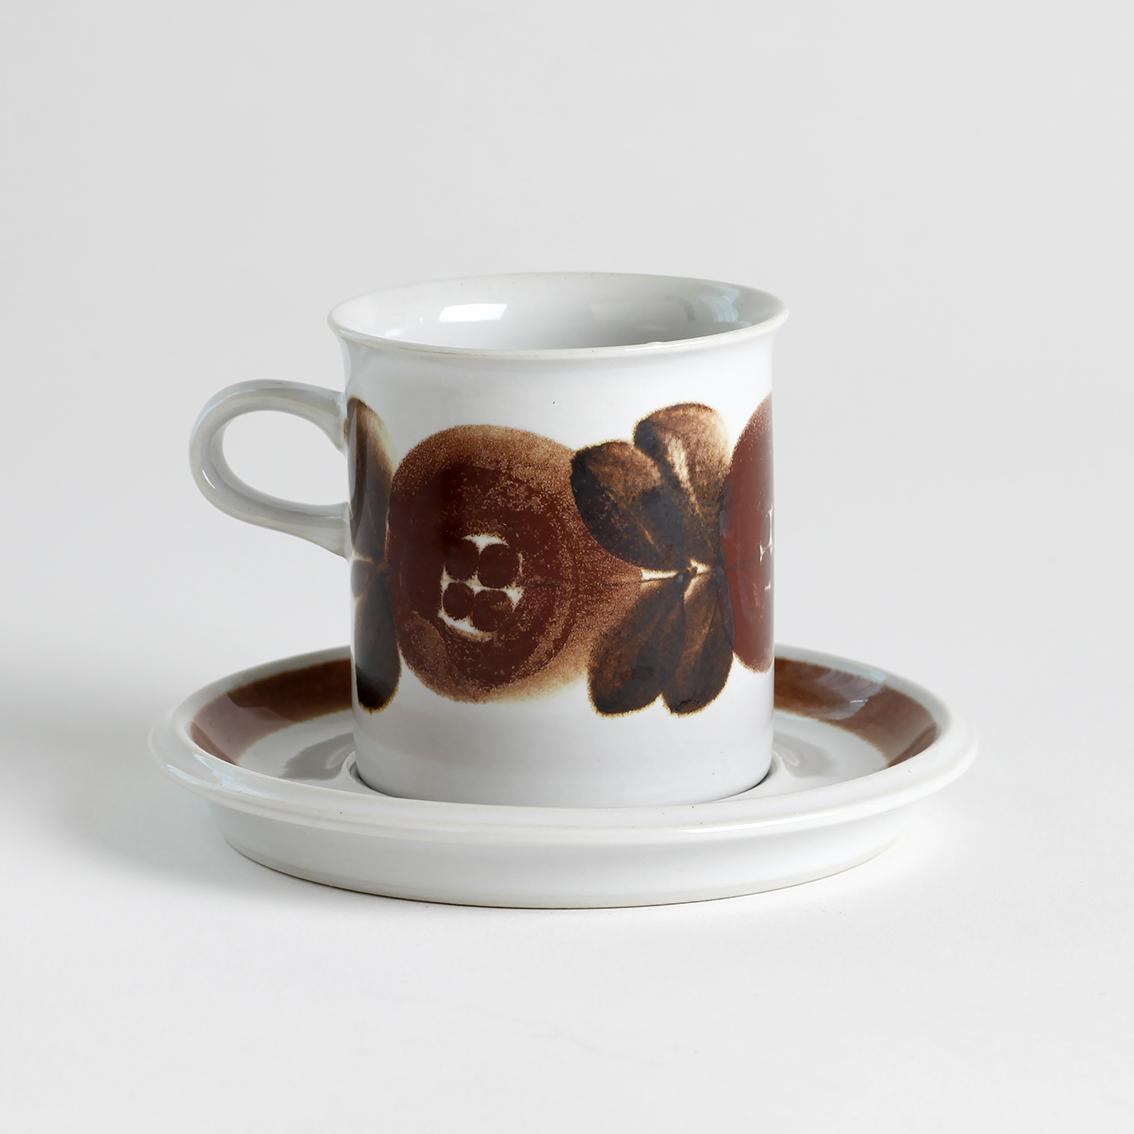 ARABIA アラビア Rosmarin ロスマリン コーヒーカップ&ソーサー - 8 北欧ヴィンテージ